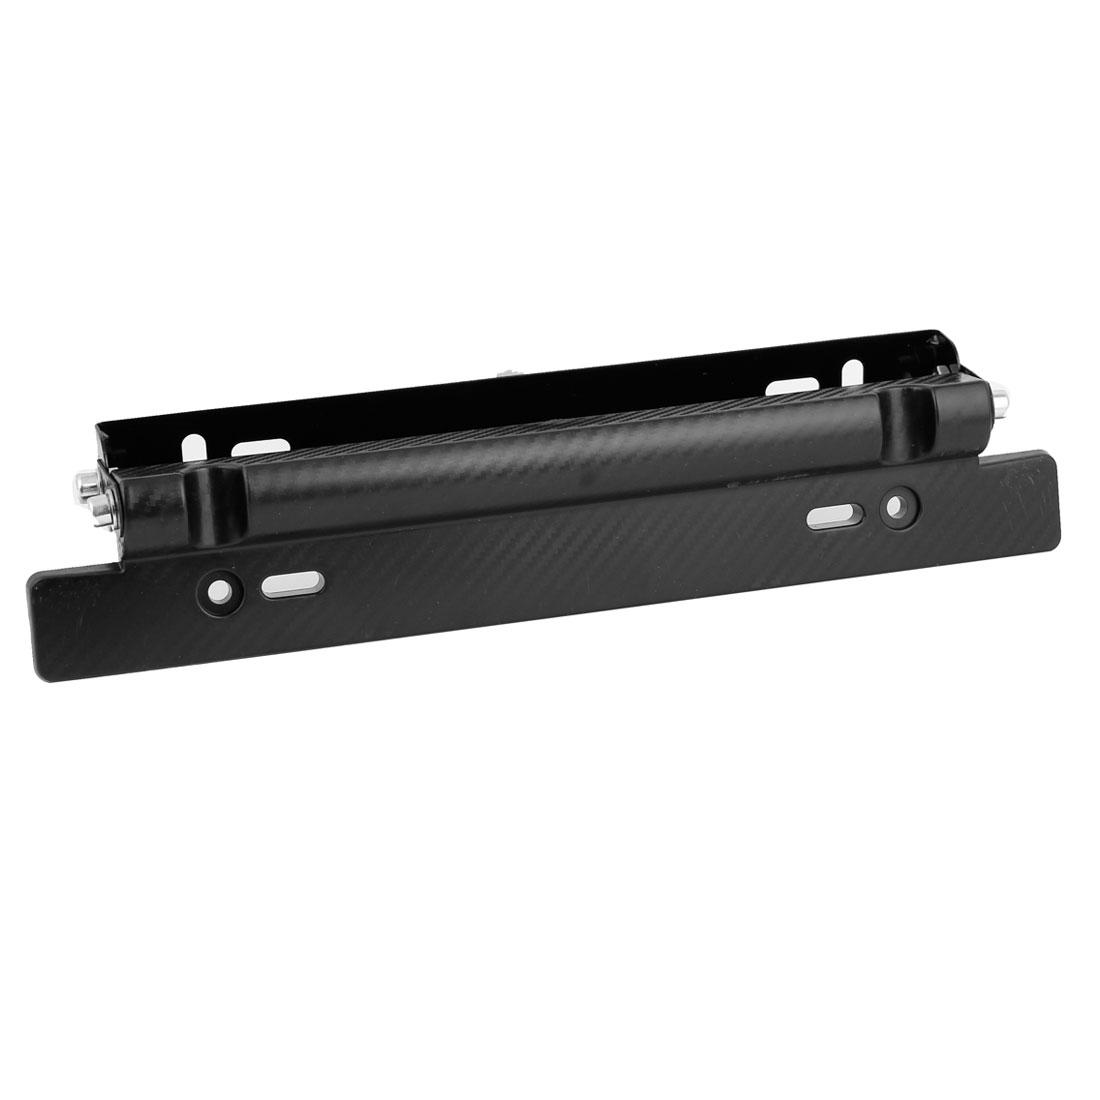 32cm Long Black Plastic License Plate Mount Bracket Number Holder for Auto Car